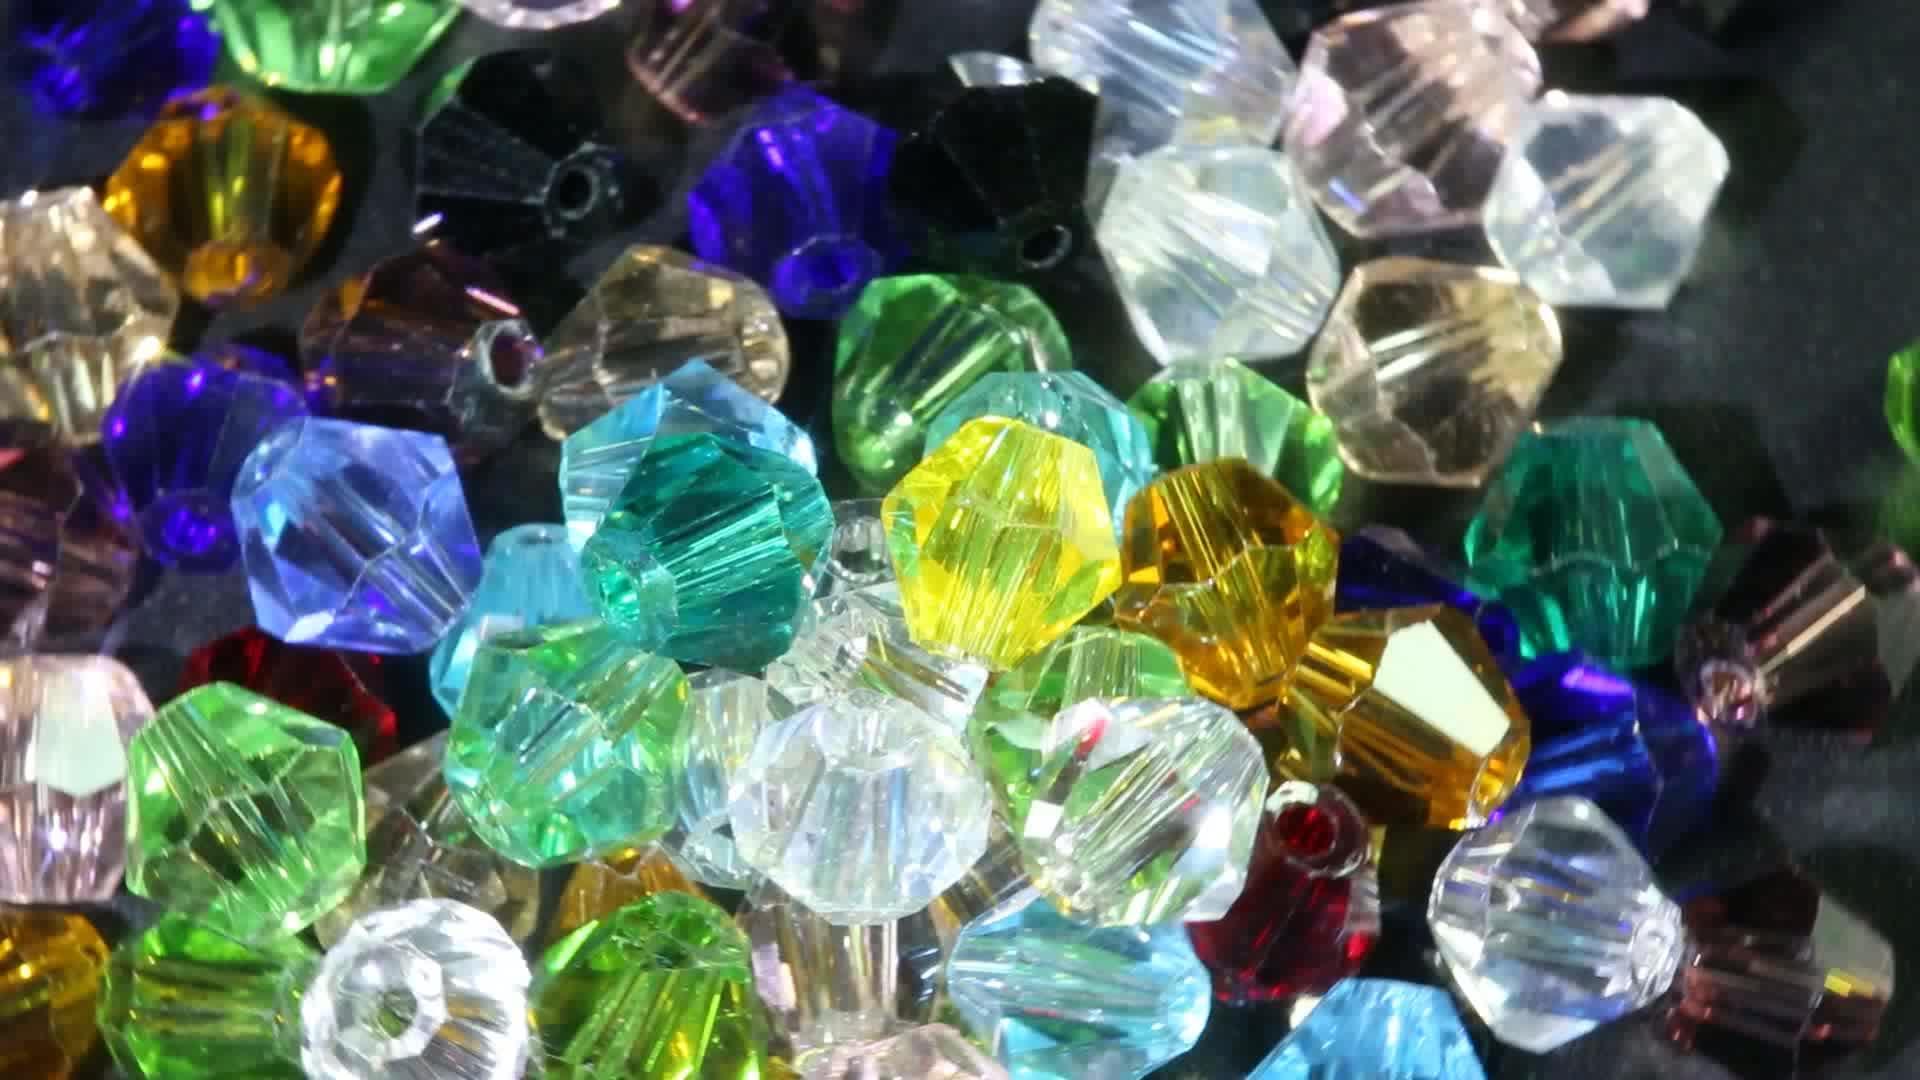 AAA qualidade 3 4 6 milímetros Bicone De Cristal Do Grânulo de super brilhantes Esferas De Vidro para Pulseira brincos anéis fazer Jóias DIY